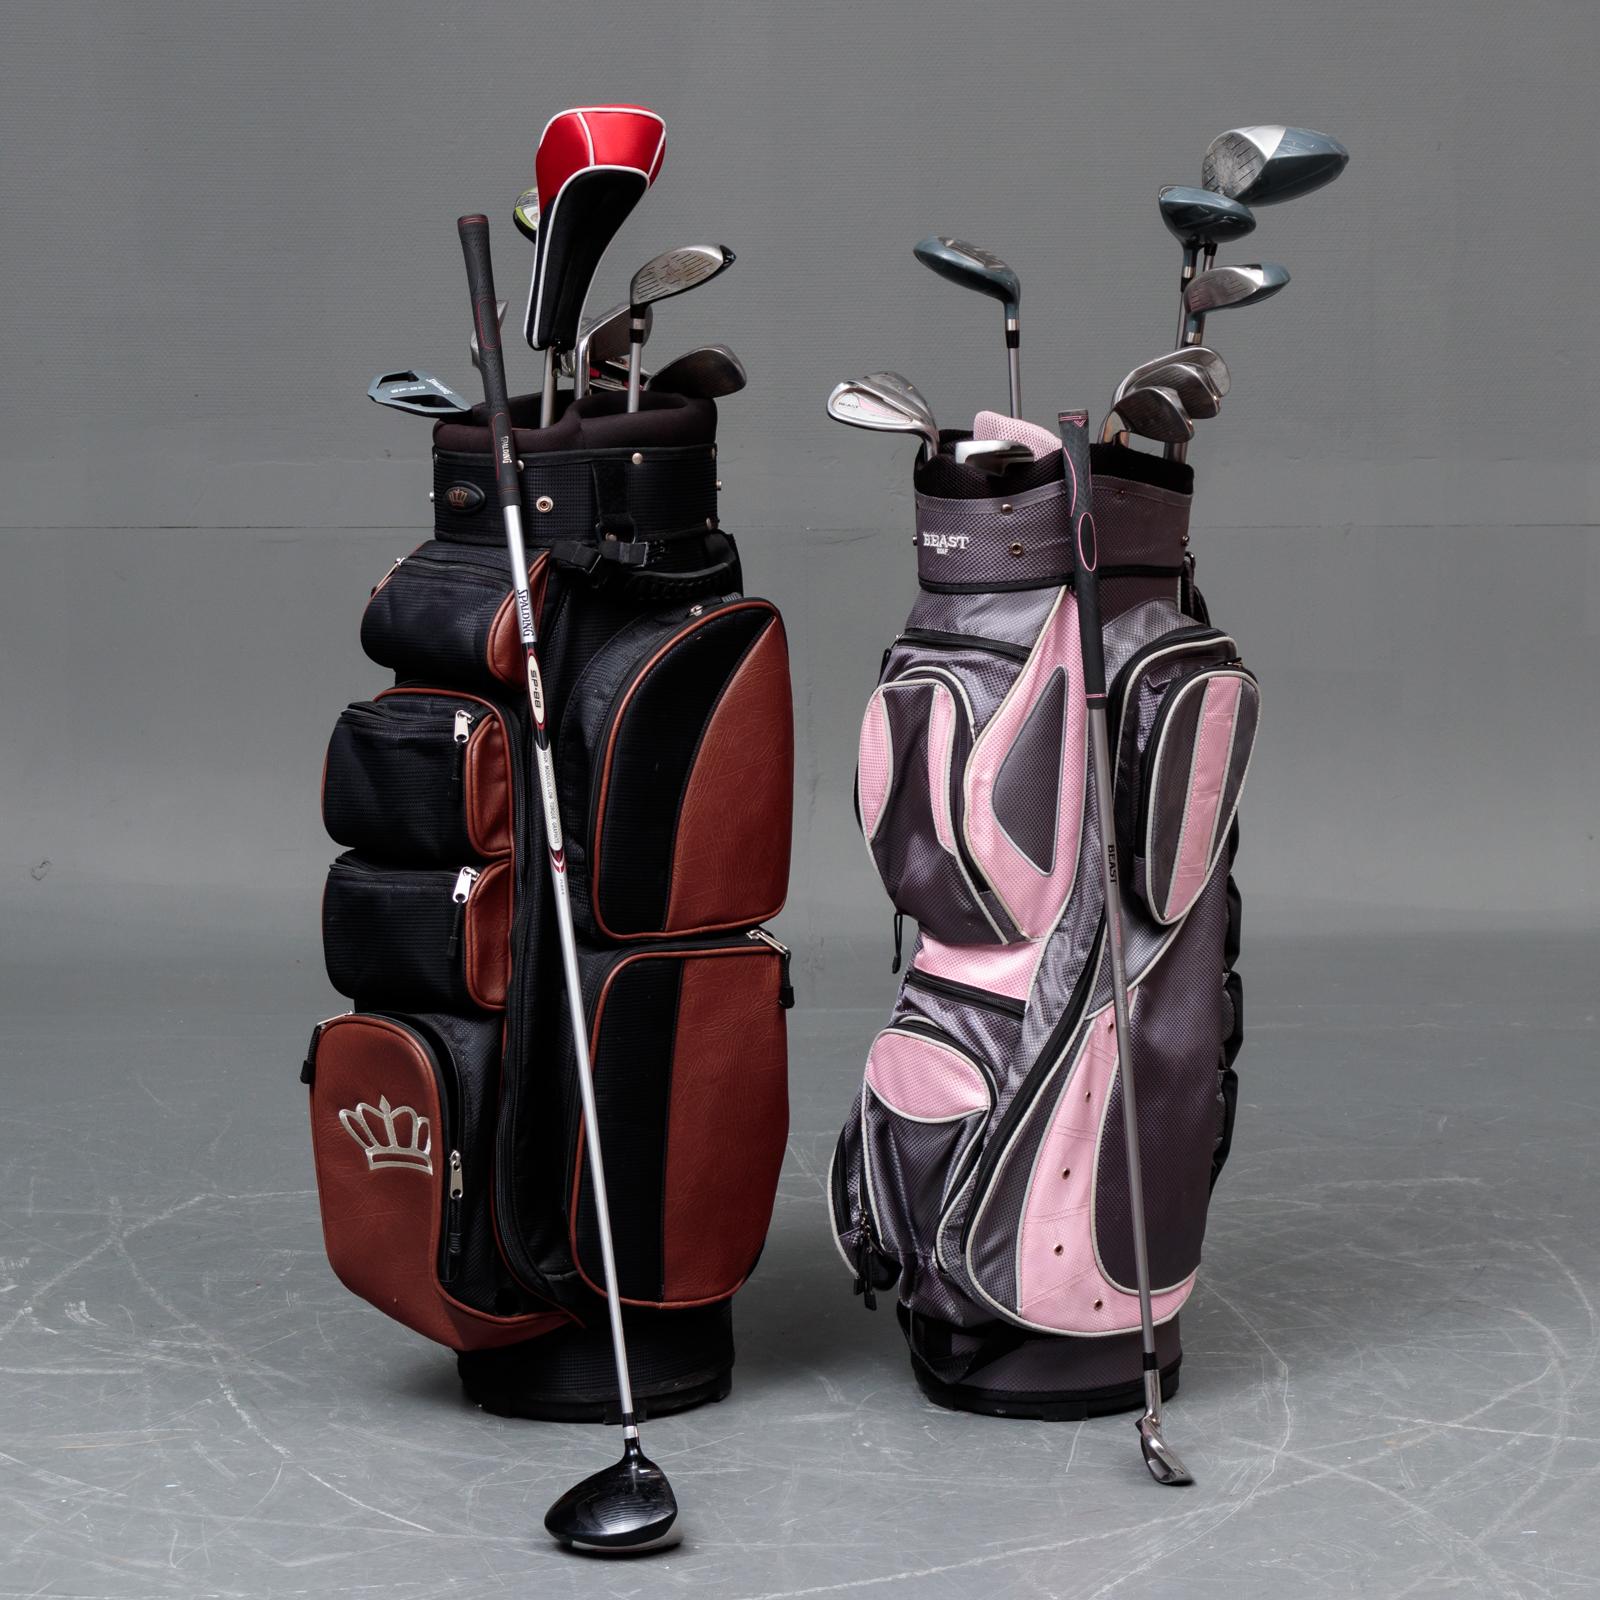 To golfsæt - To golfsæt af mærket Spalding SP 88 og Beast Discovery. Spalding sættet består af driver 12 grader (anslået), 3 wood 19 grader, 4 wood 24 grader hybrid 17 grader, S-P-8-7-6 jern putter samt bag. Beast sættet består af driver 12 grader...